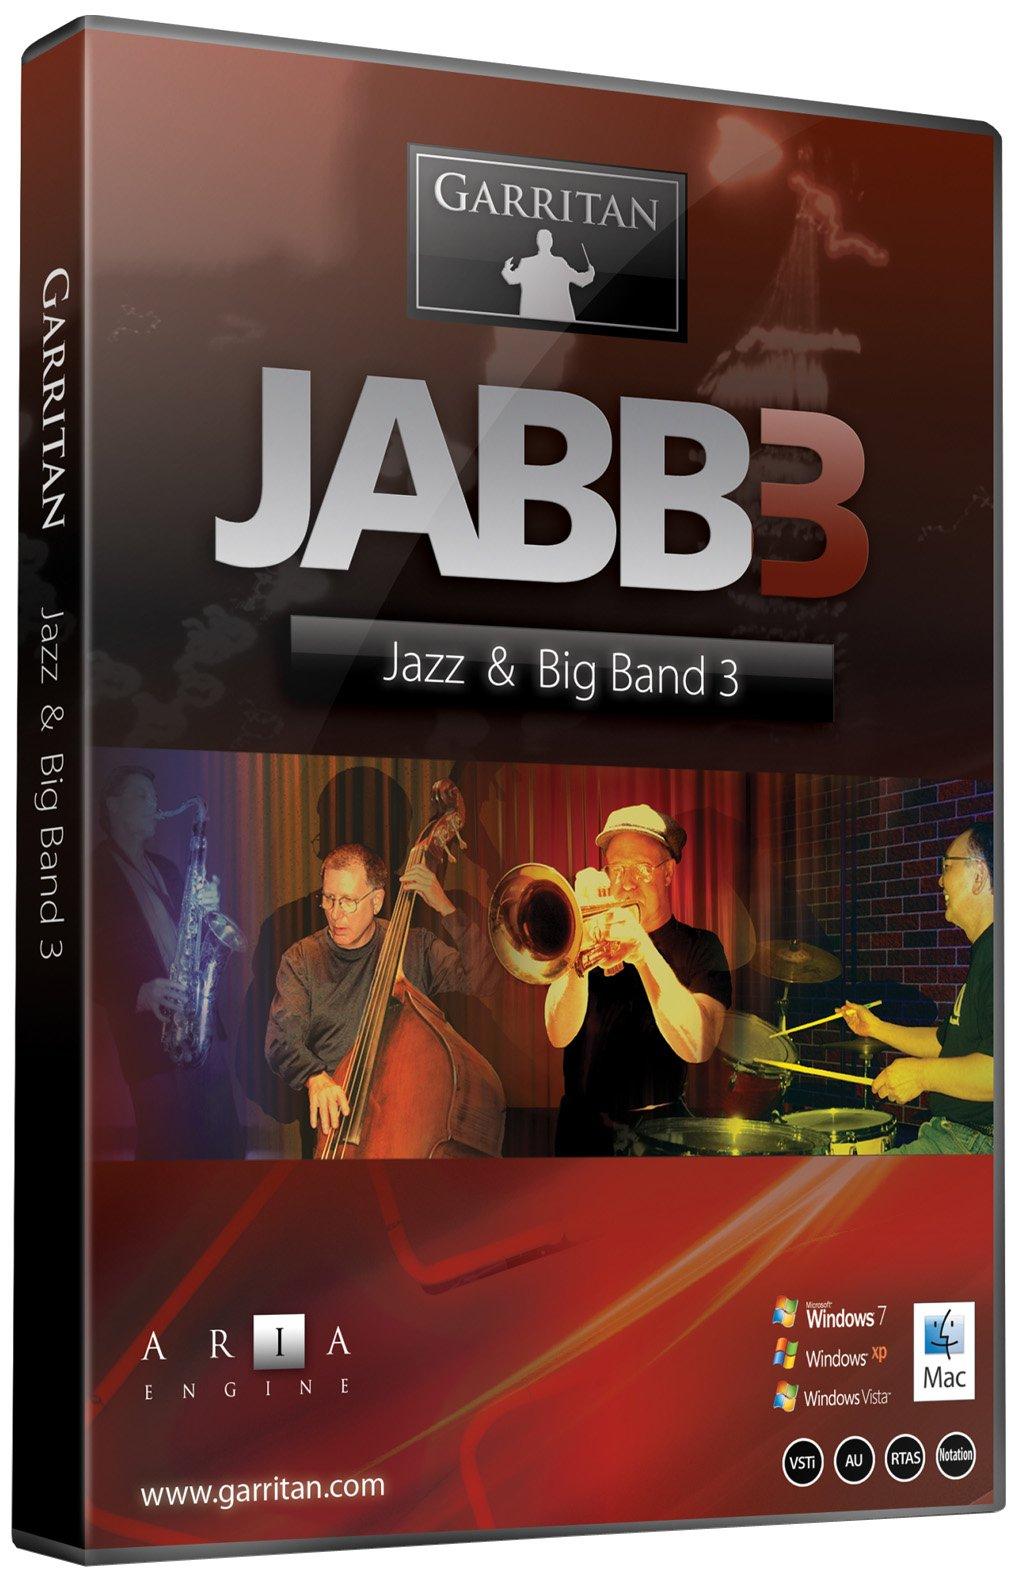 Garritan Jazz and Big Band 3 by MakeMusic!